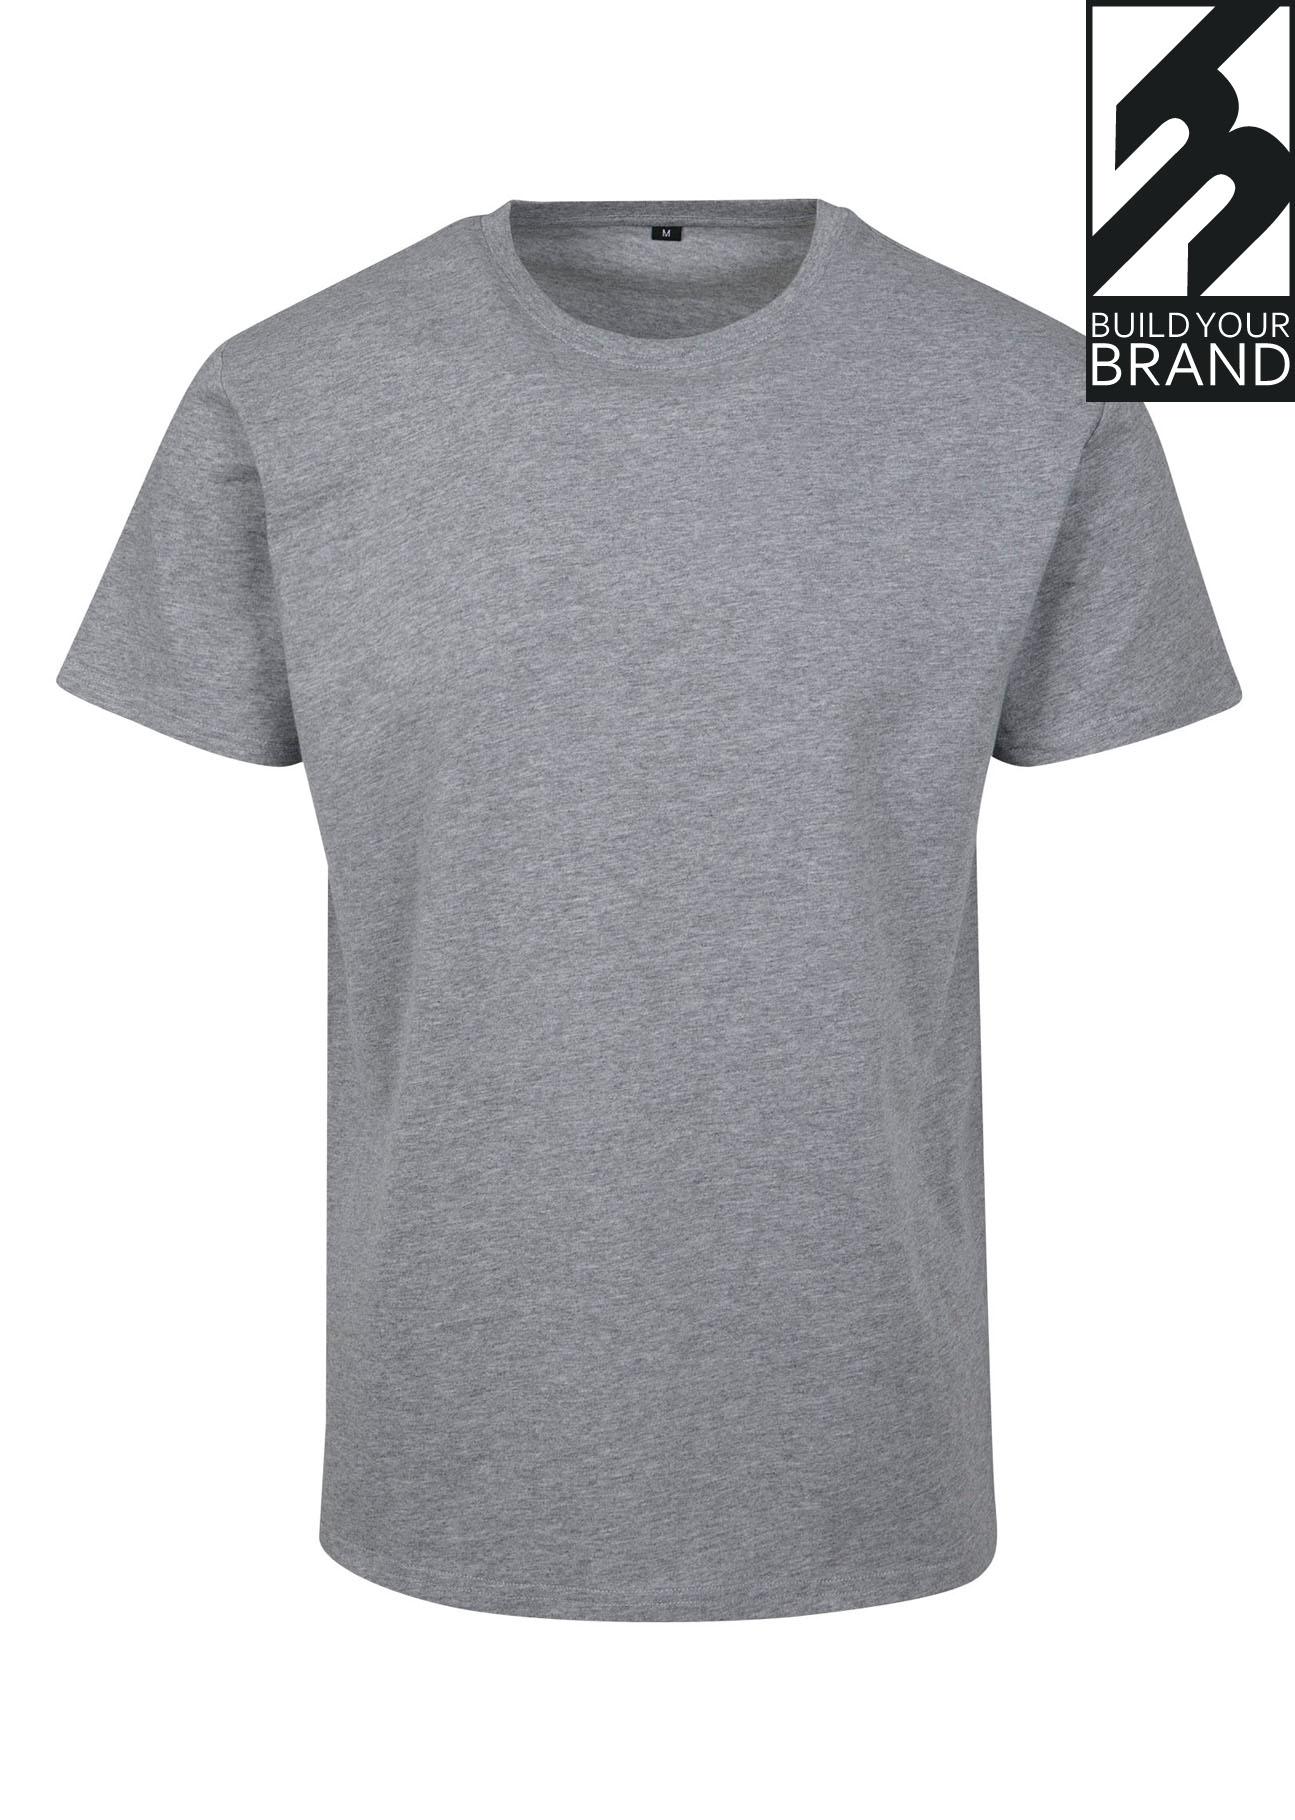 huge discount 264d8 a6feb Build Your Brand, Basic T-Shirt, günstig bedrucken « Merkur ...